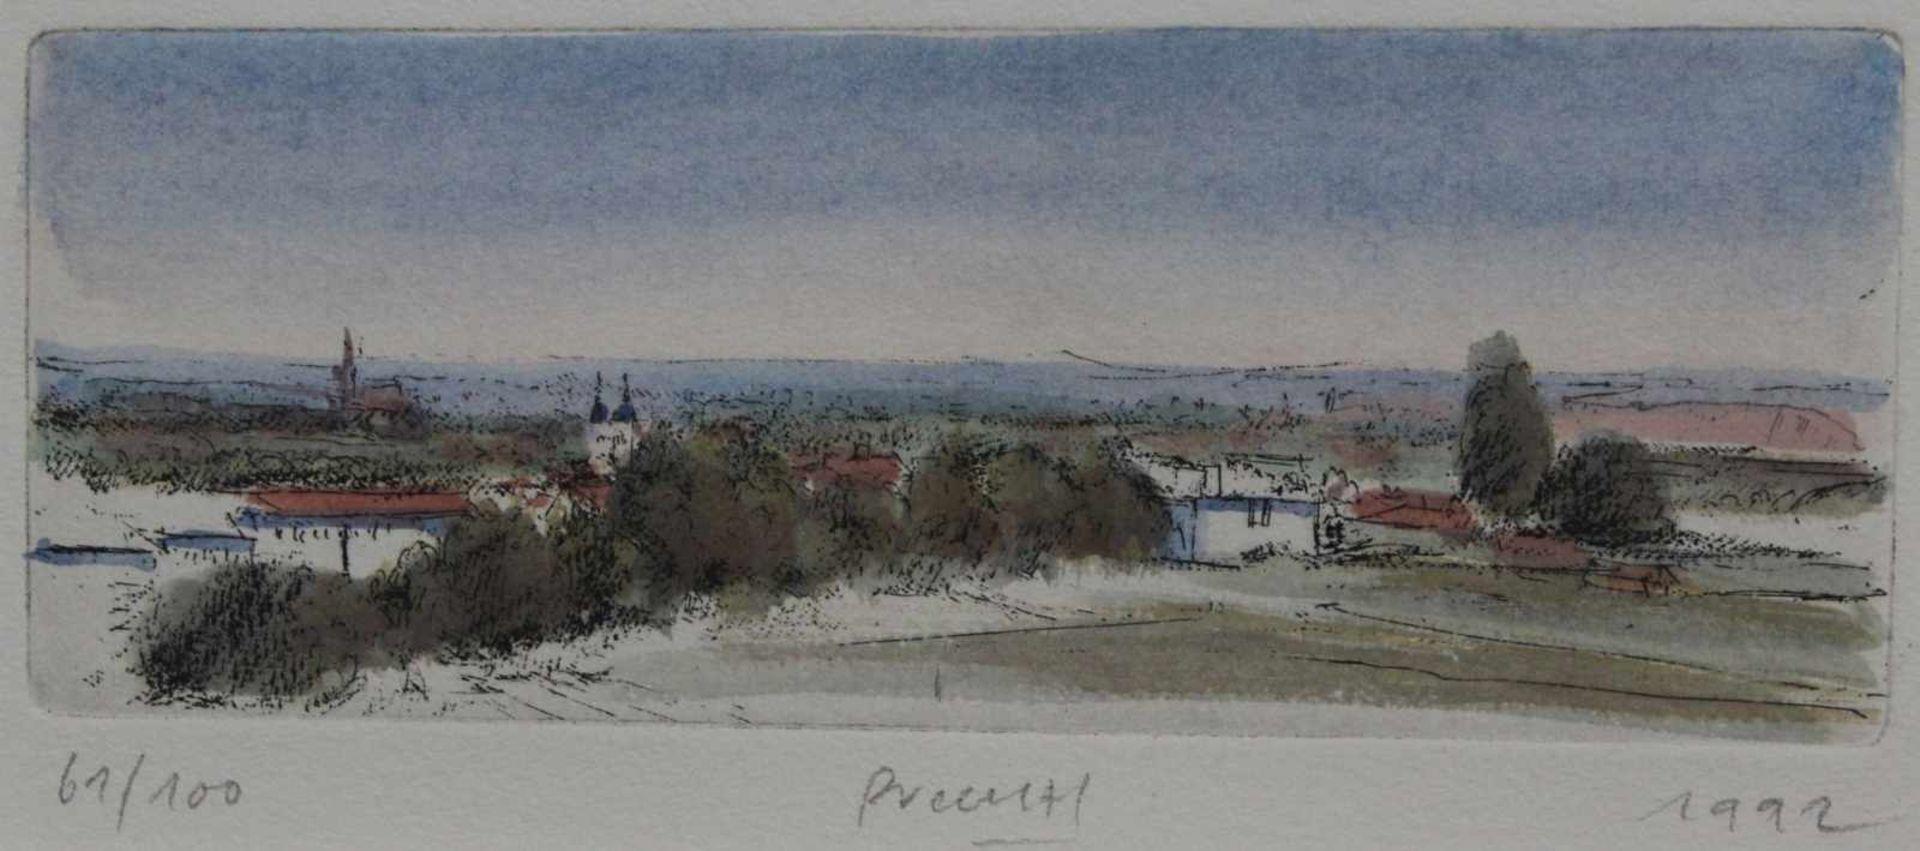 """Los 7 - Radierung - Gerhard M. Prechtl (1951 Regensburg) """"Ansicht bei Regensburg"""", u.M. signiert, datiert"""